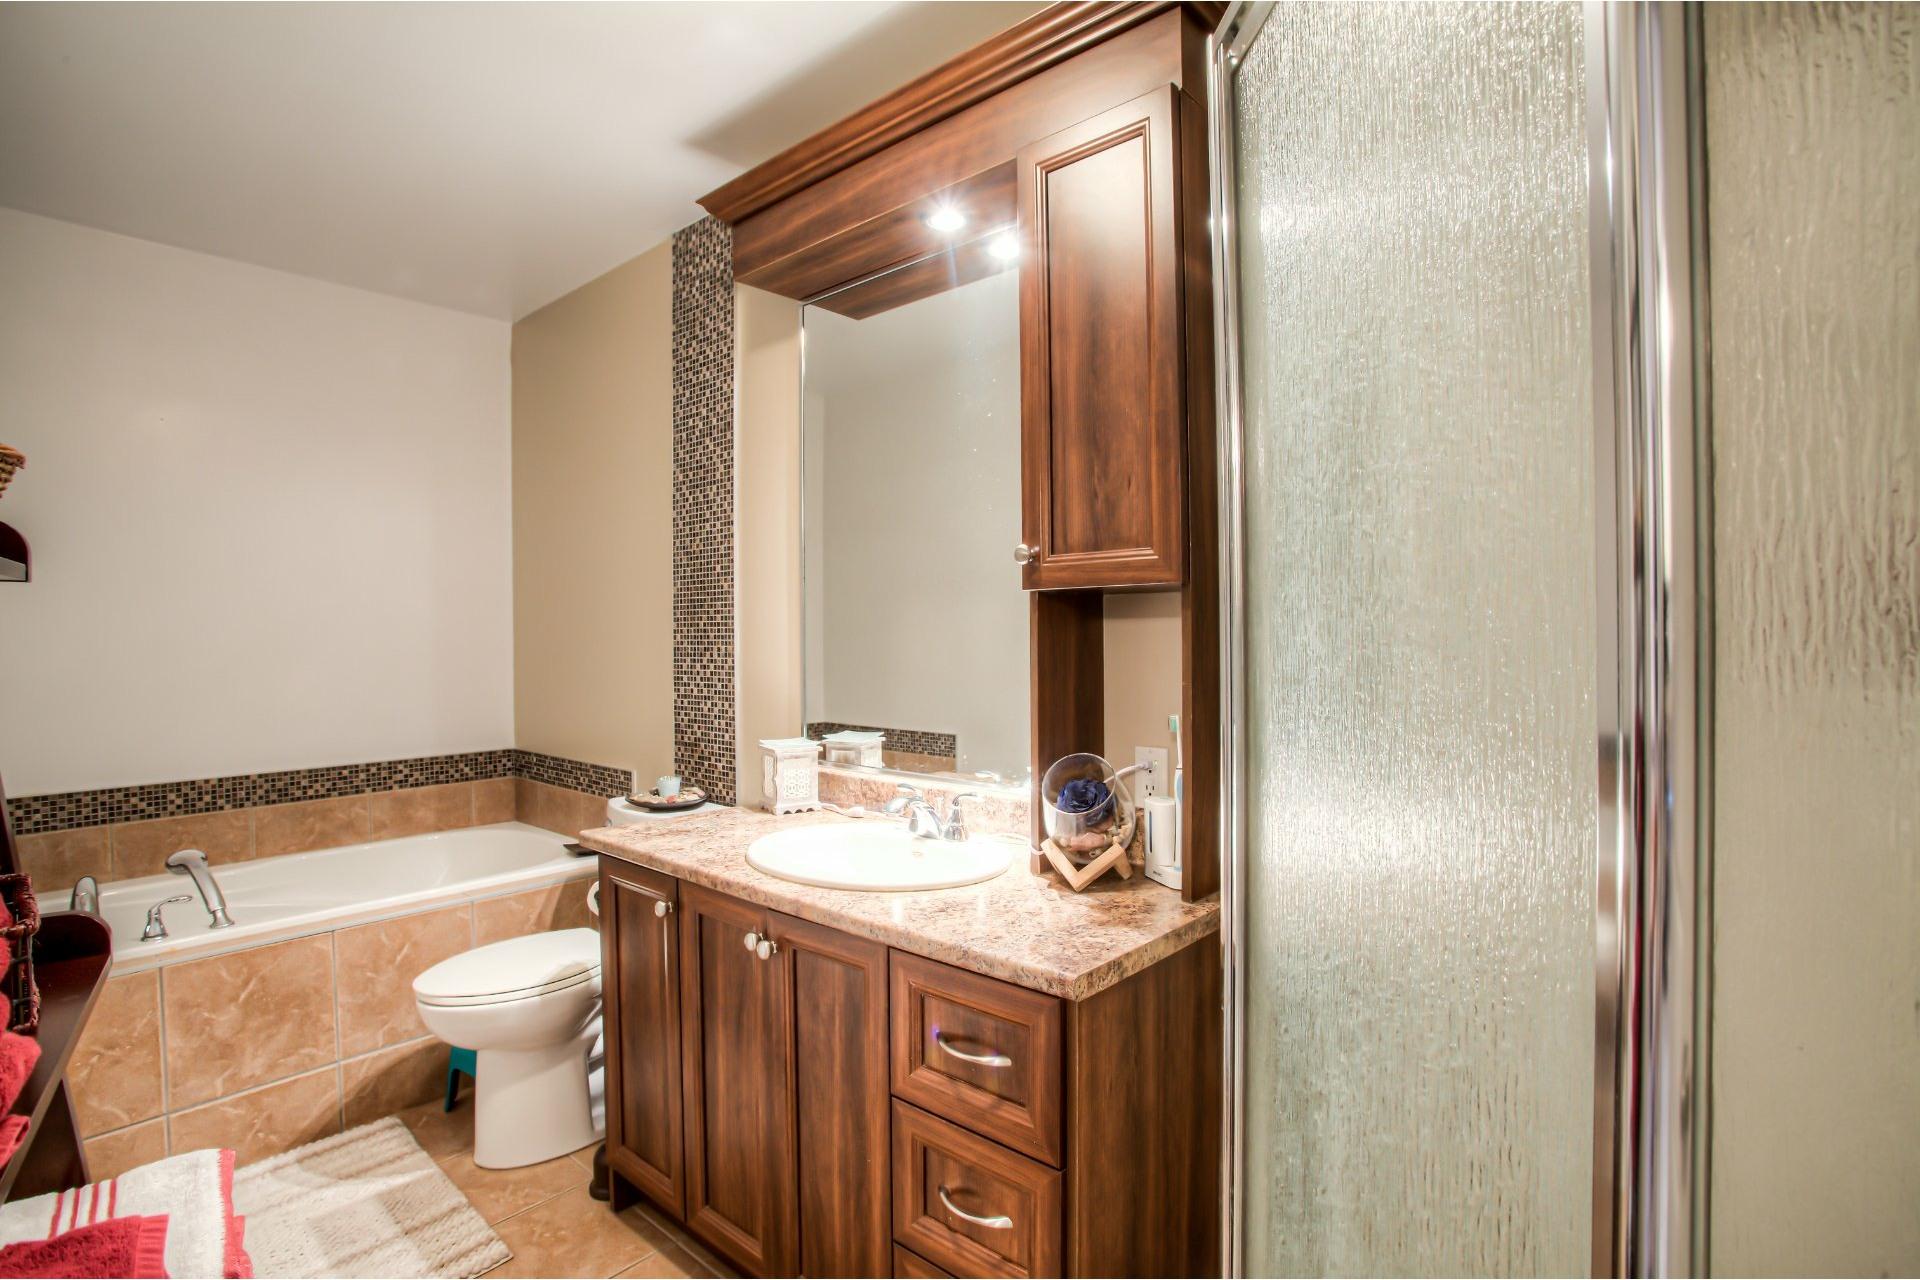 image 8 - Apartment For sale Pointe-des-Cascades - 6 rooms